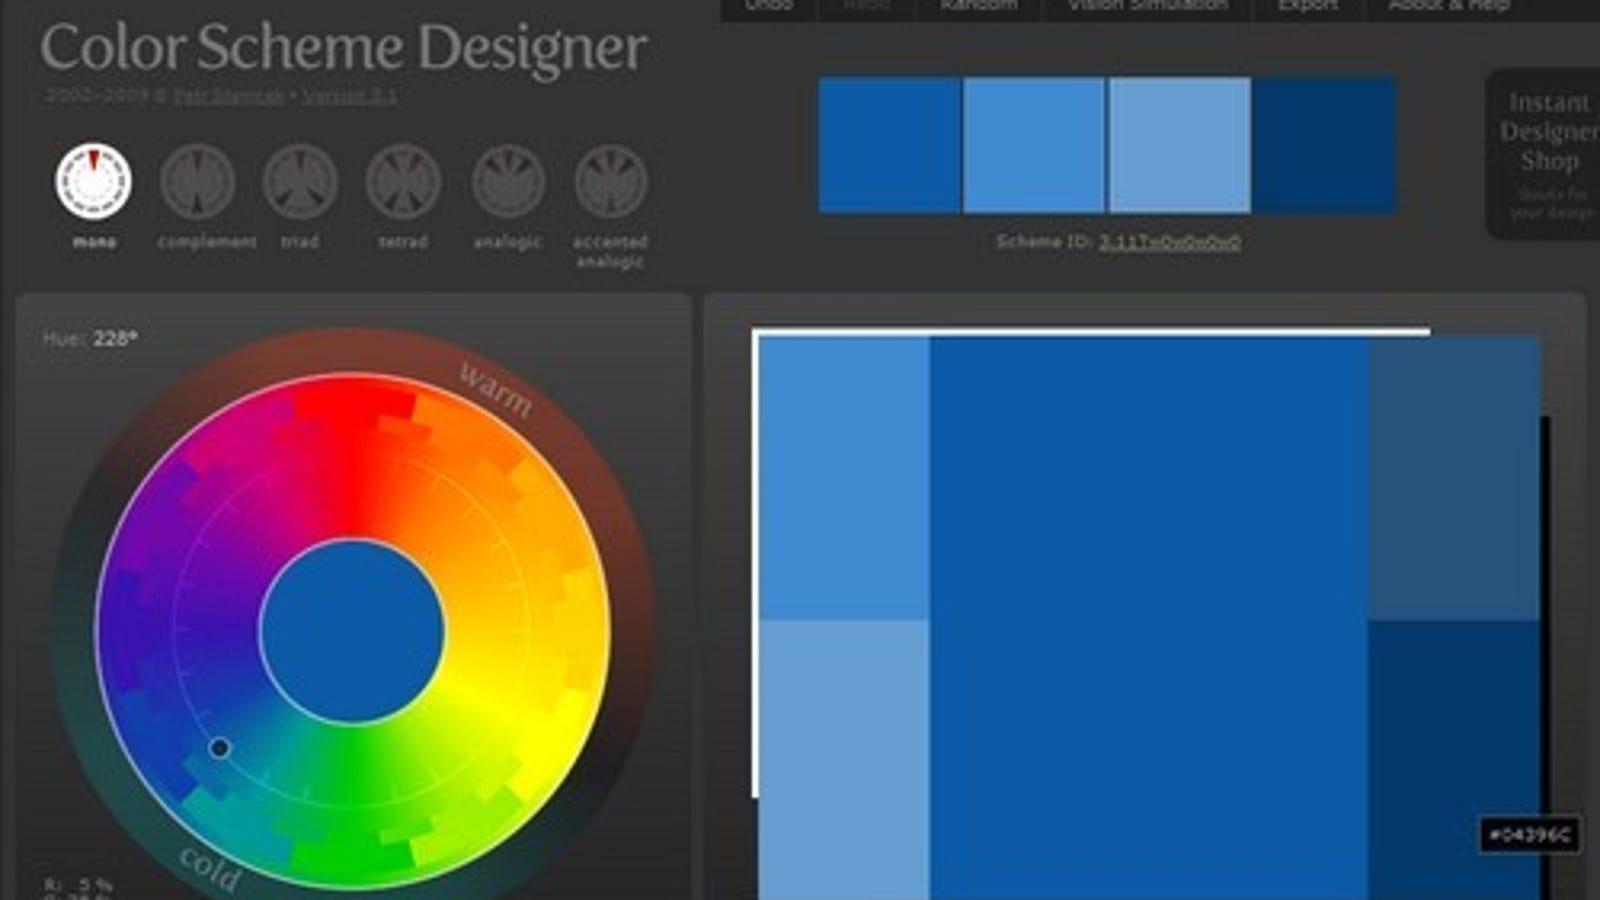 Color Scheme Designer is a Diverse Palette Creator